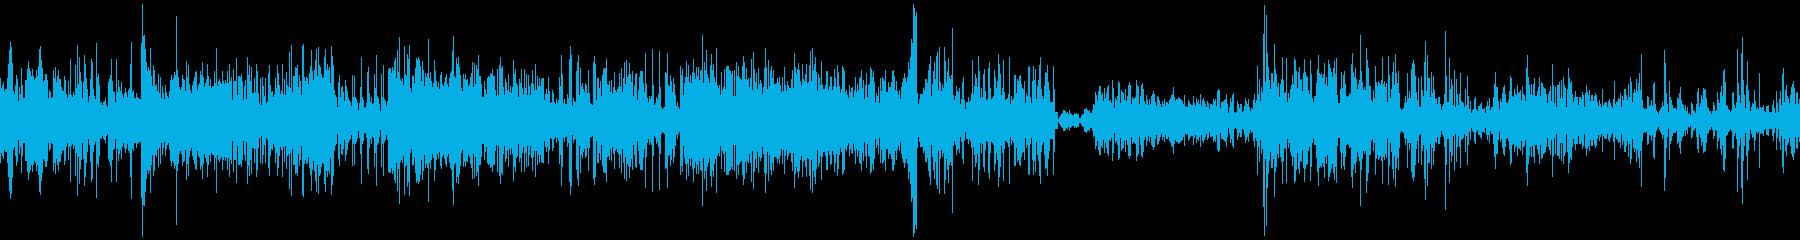 トリップタンブルとリップの再生済みの波形